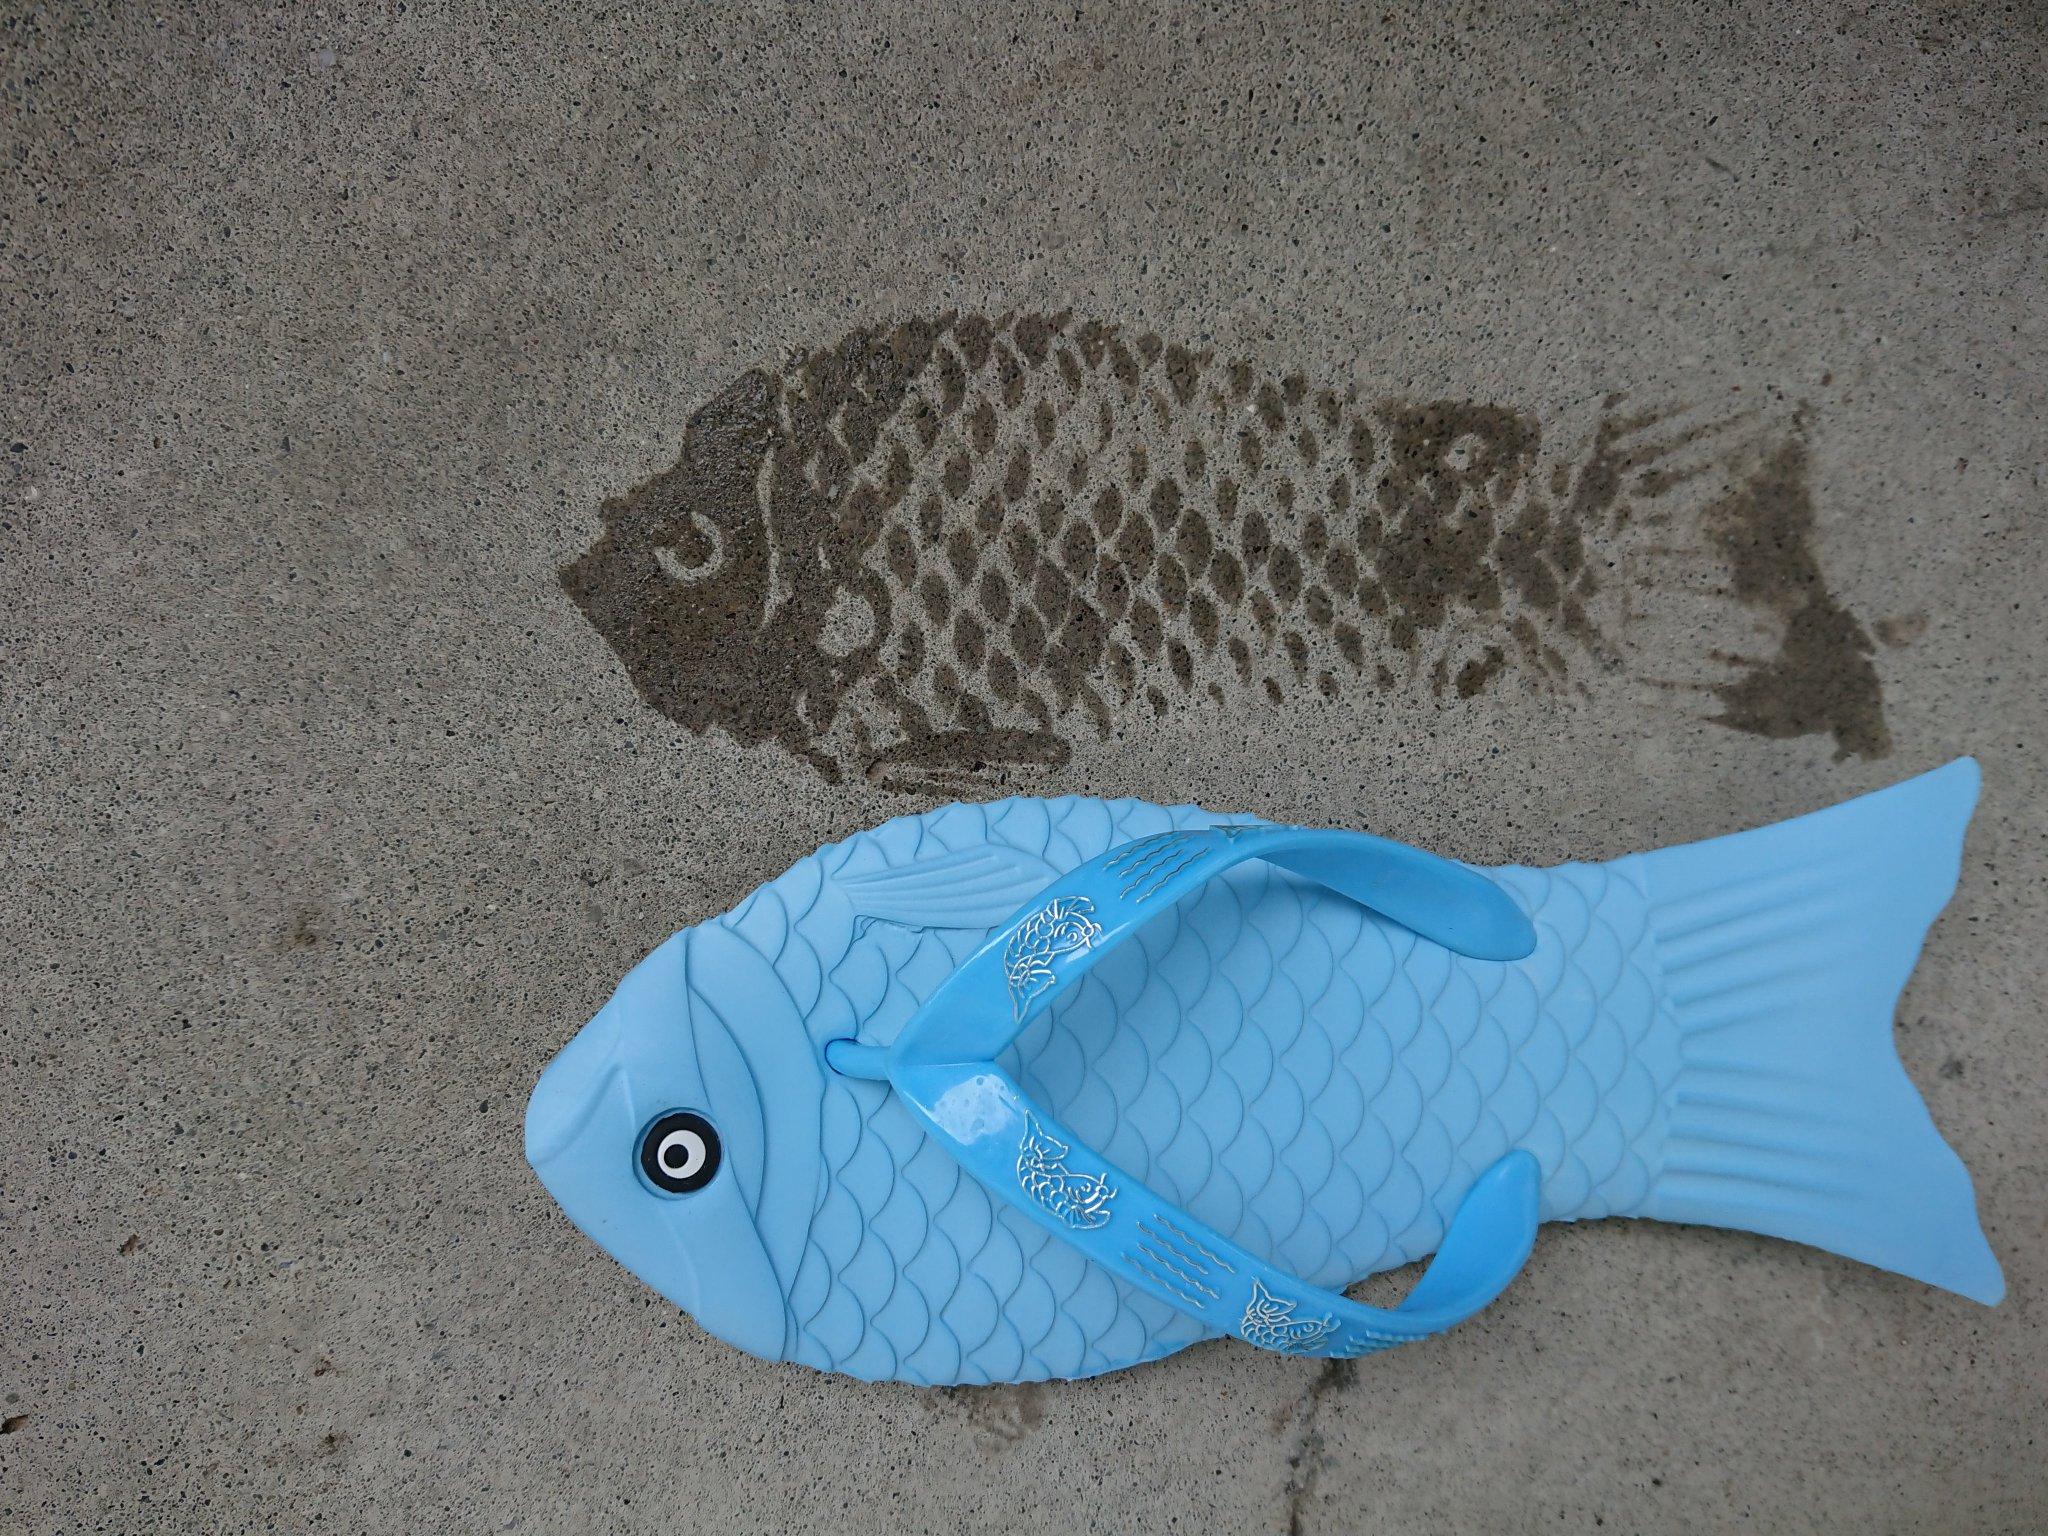 新商品です。 夏と言えばサンダル。 1足でもサンダル。 底を濡らして歩くと魚の跡が…。 ウロコもくっきり。 鳥さんビックリ。 我々は魚拓サンダルと呼んでいます。 正式な商品名は何だろ…(←聞けよ) サンダルなので下駄箱に並べています。 1足(2匹?)1,200円です。